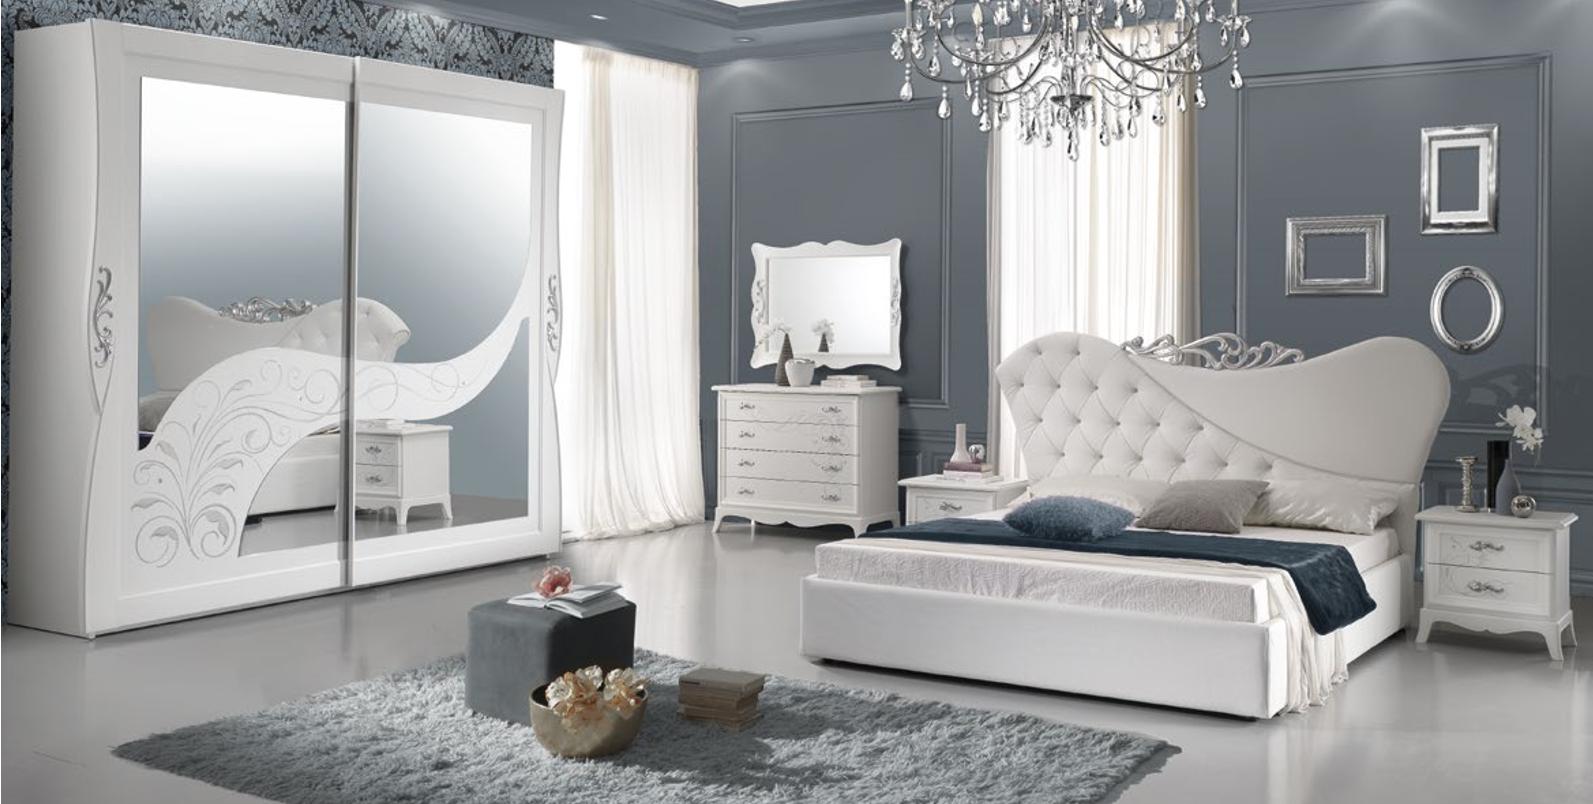 Camera da letto moderna/contemporanea - 2   ORAXOSHOP